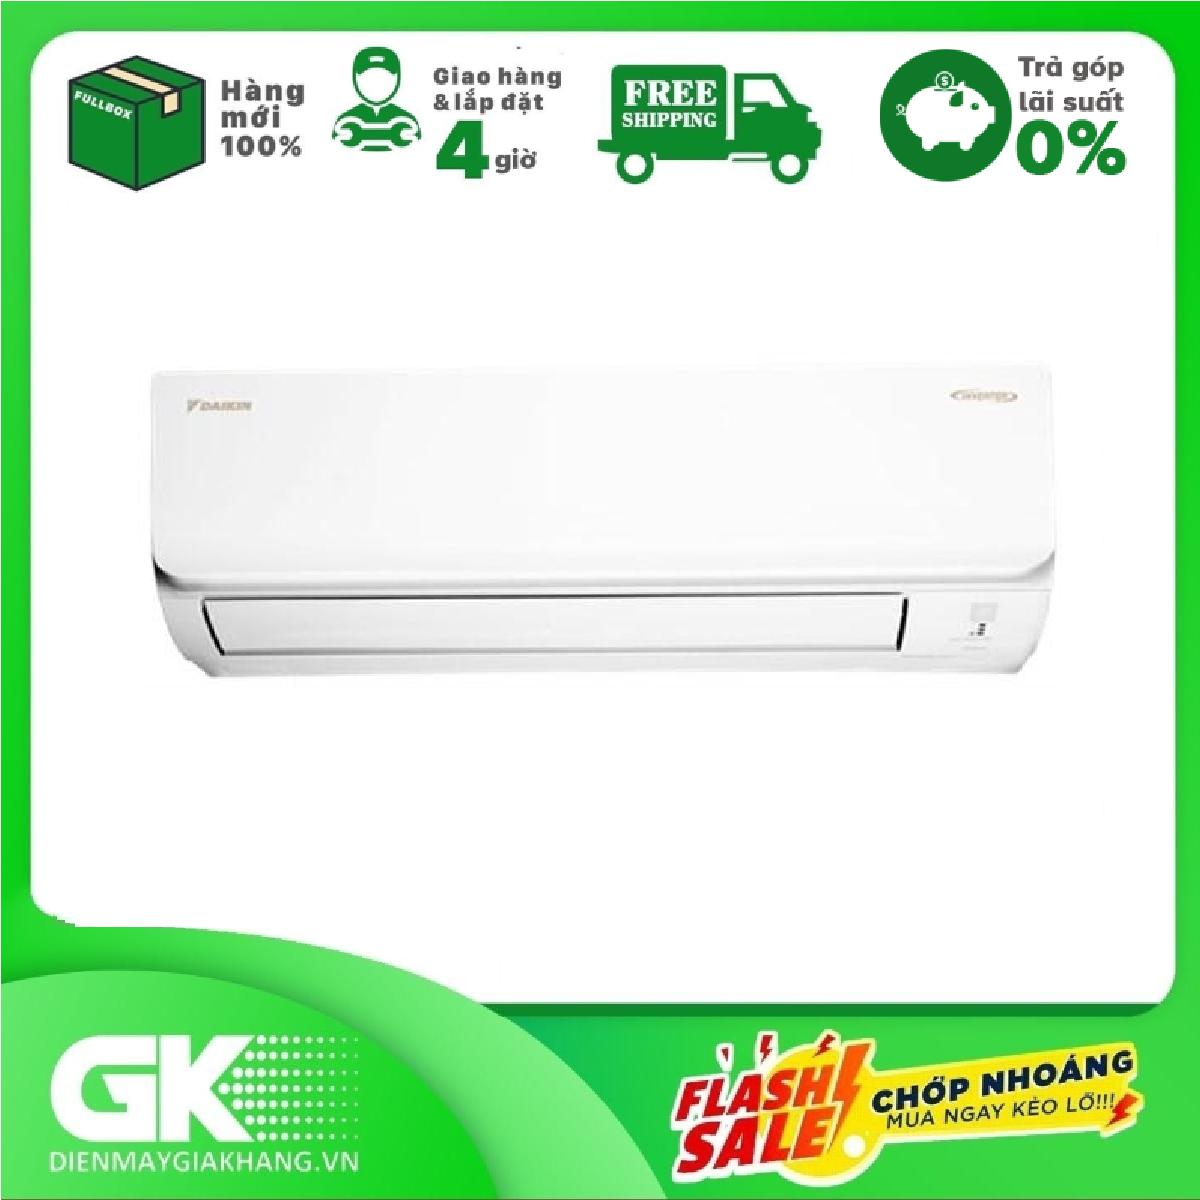 [GIAO HÀNG 2 - 15 NGÀY, TRỄ NHẤT 15.08] [Trả góp 0%]Máy lạnh Daikin Inverter 1.5 HP FTKA35VMVMV Mới 2021